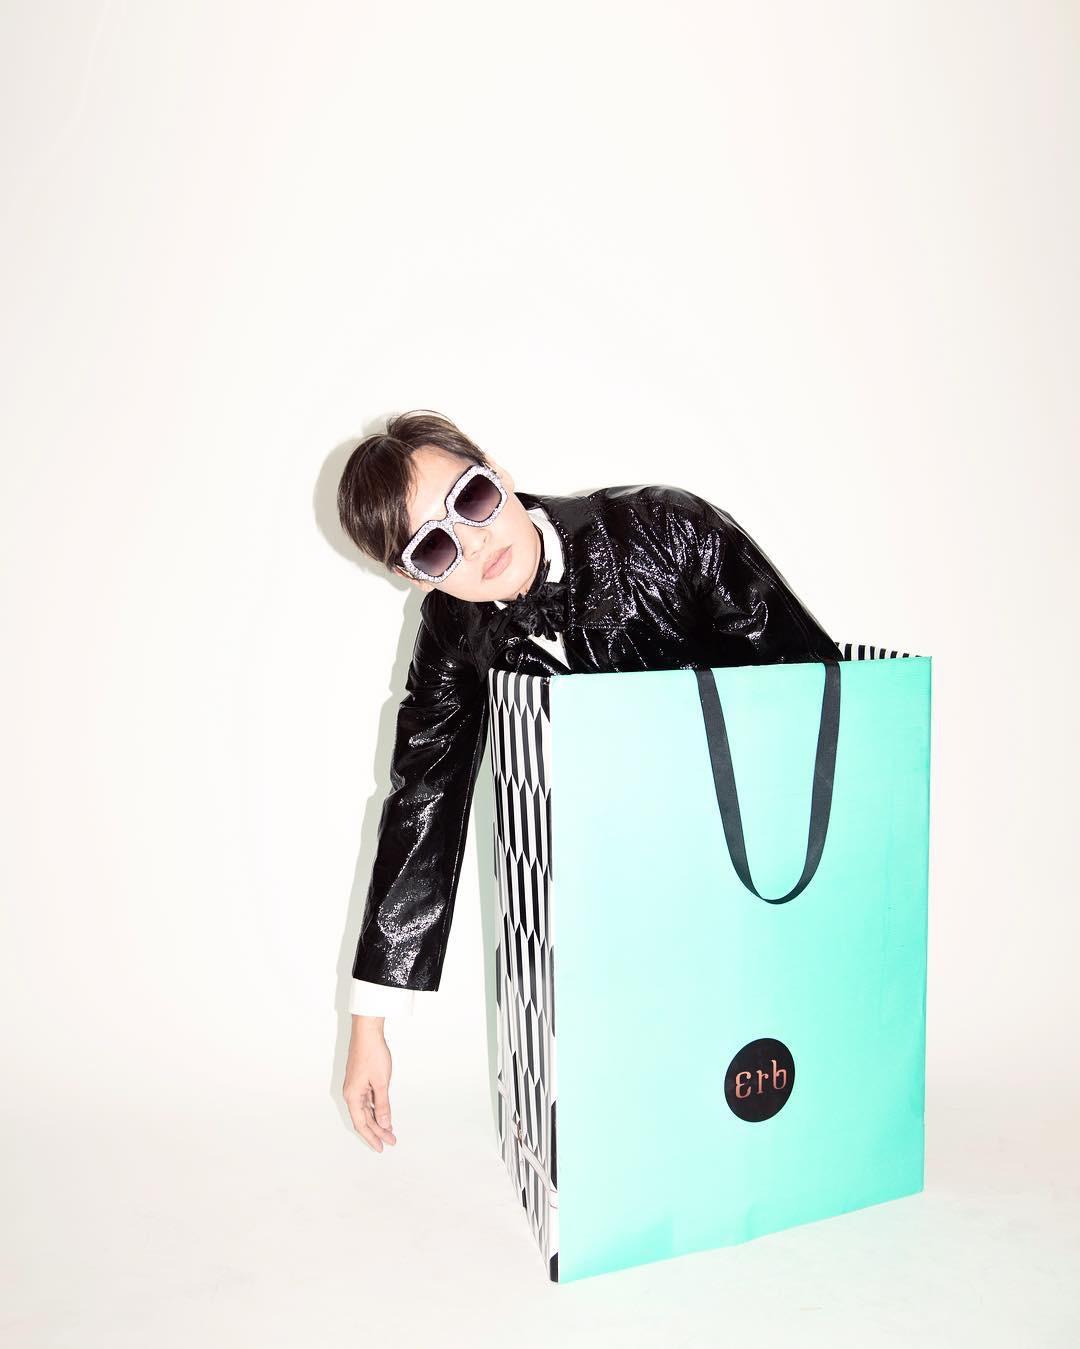 MM Candy của anh là một trong những fashion blog hàng đầu Bangkok.